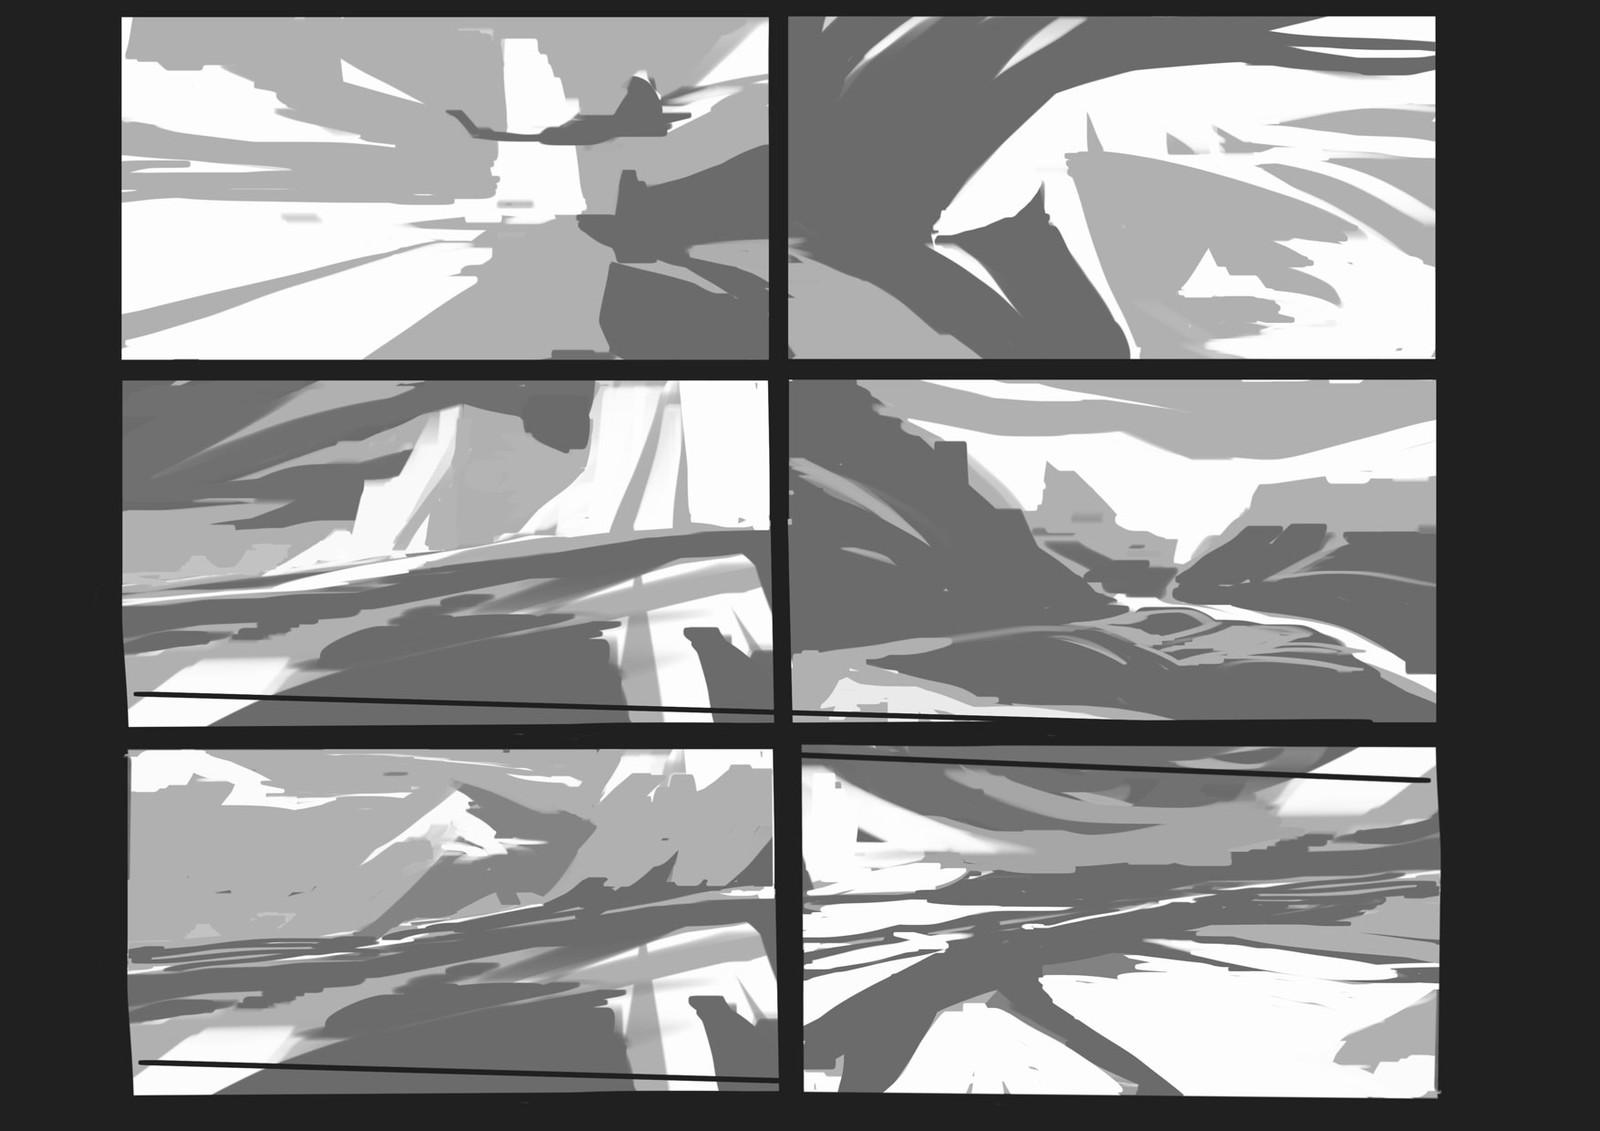 Quick composition thumbnails